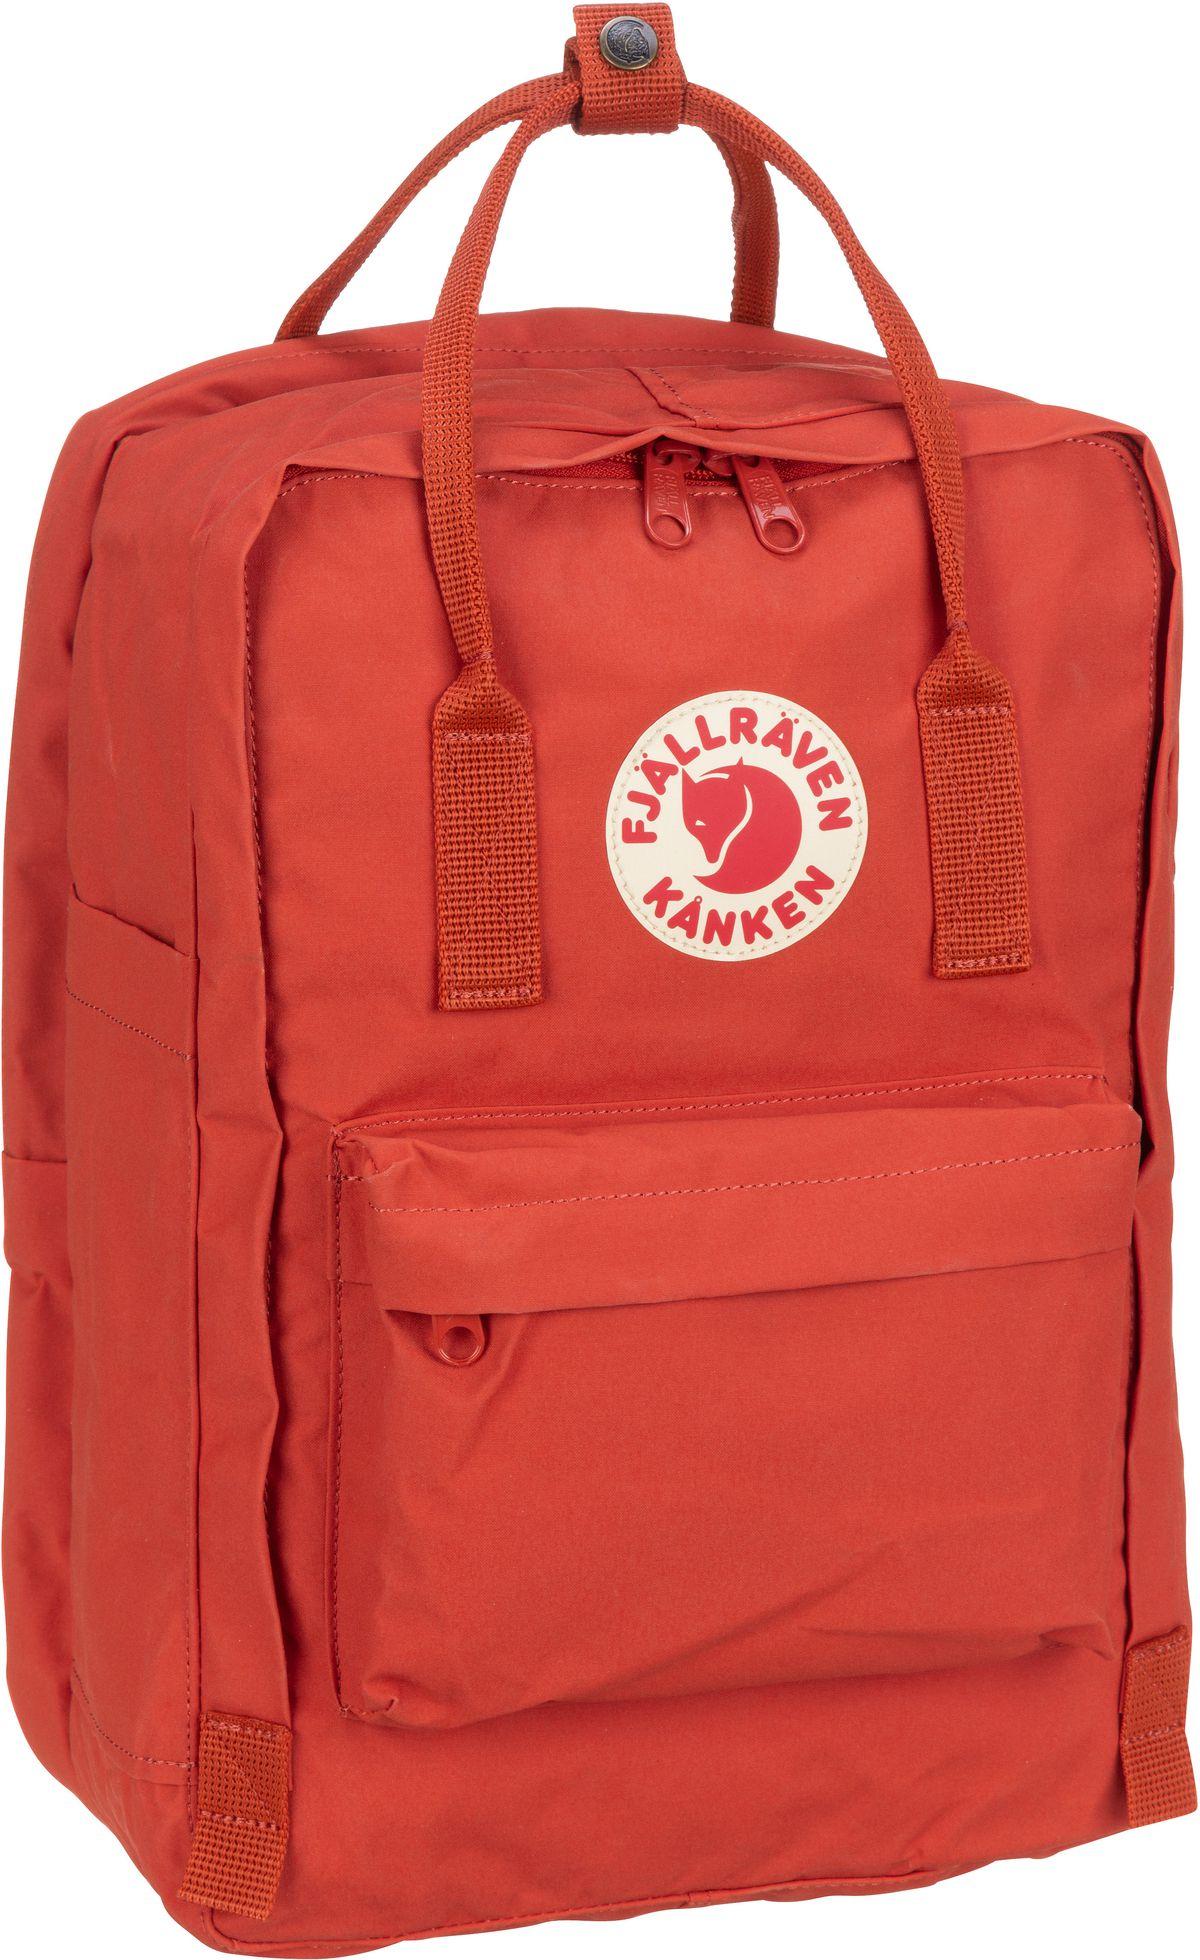 Laptoprucksack Kanken Laptop 15'' Rowan Red (18 Liter)